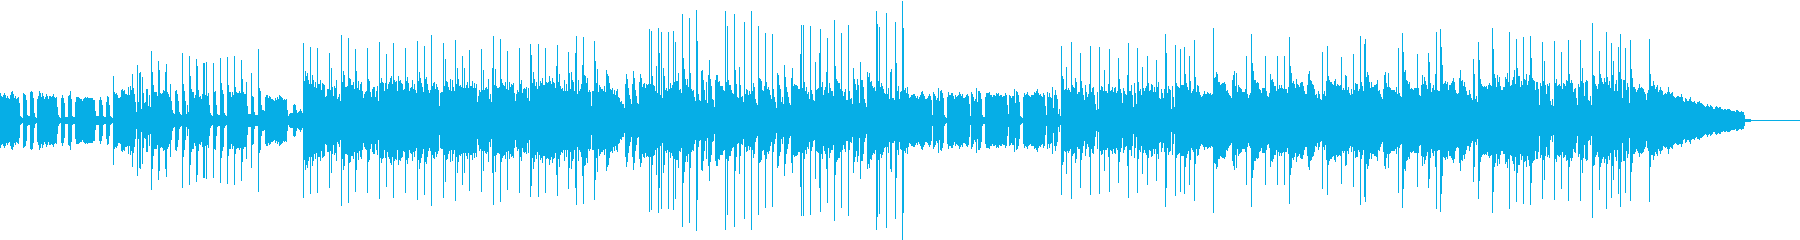 アップテンポ&シリアス調の爽やかBGMの再生済みの波形